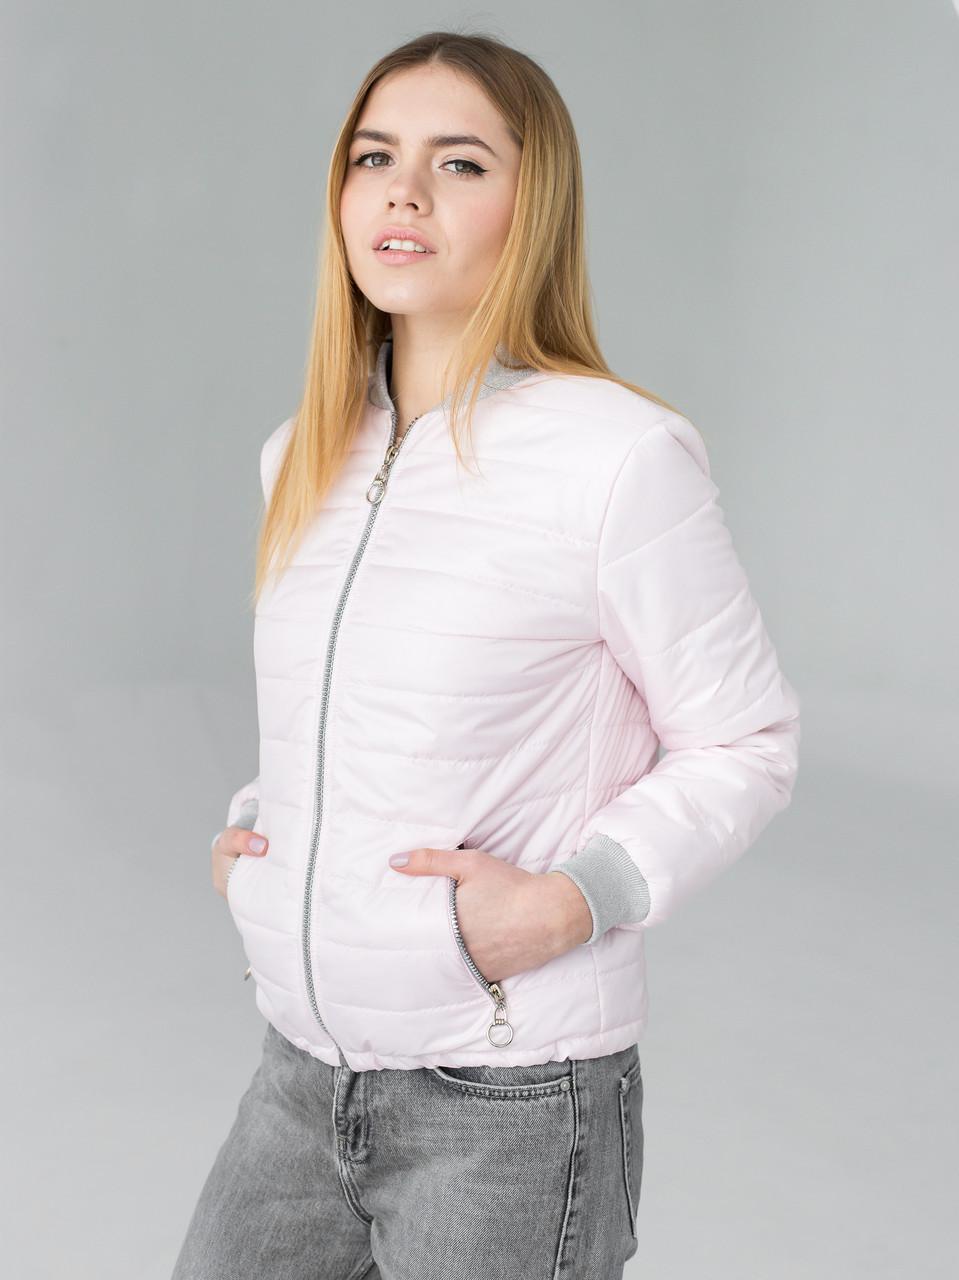 Женская куртка  наполнитель синтепон Размеры S (42-44), M (44-46), L (46-48), XL (50-52).